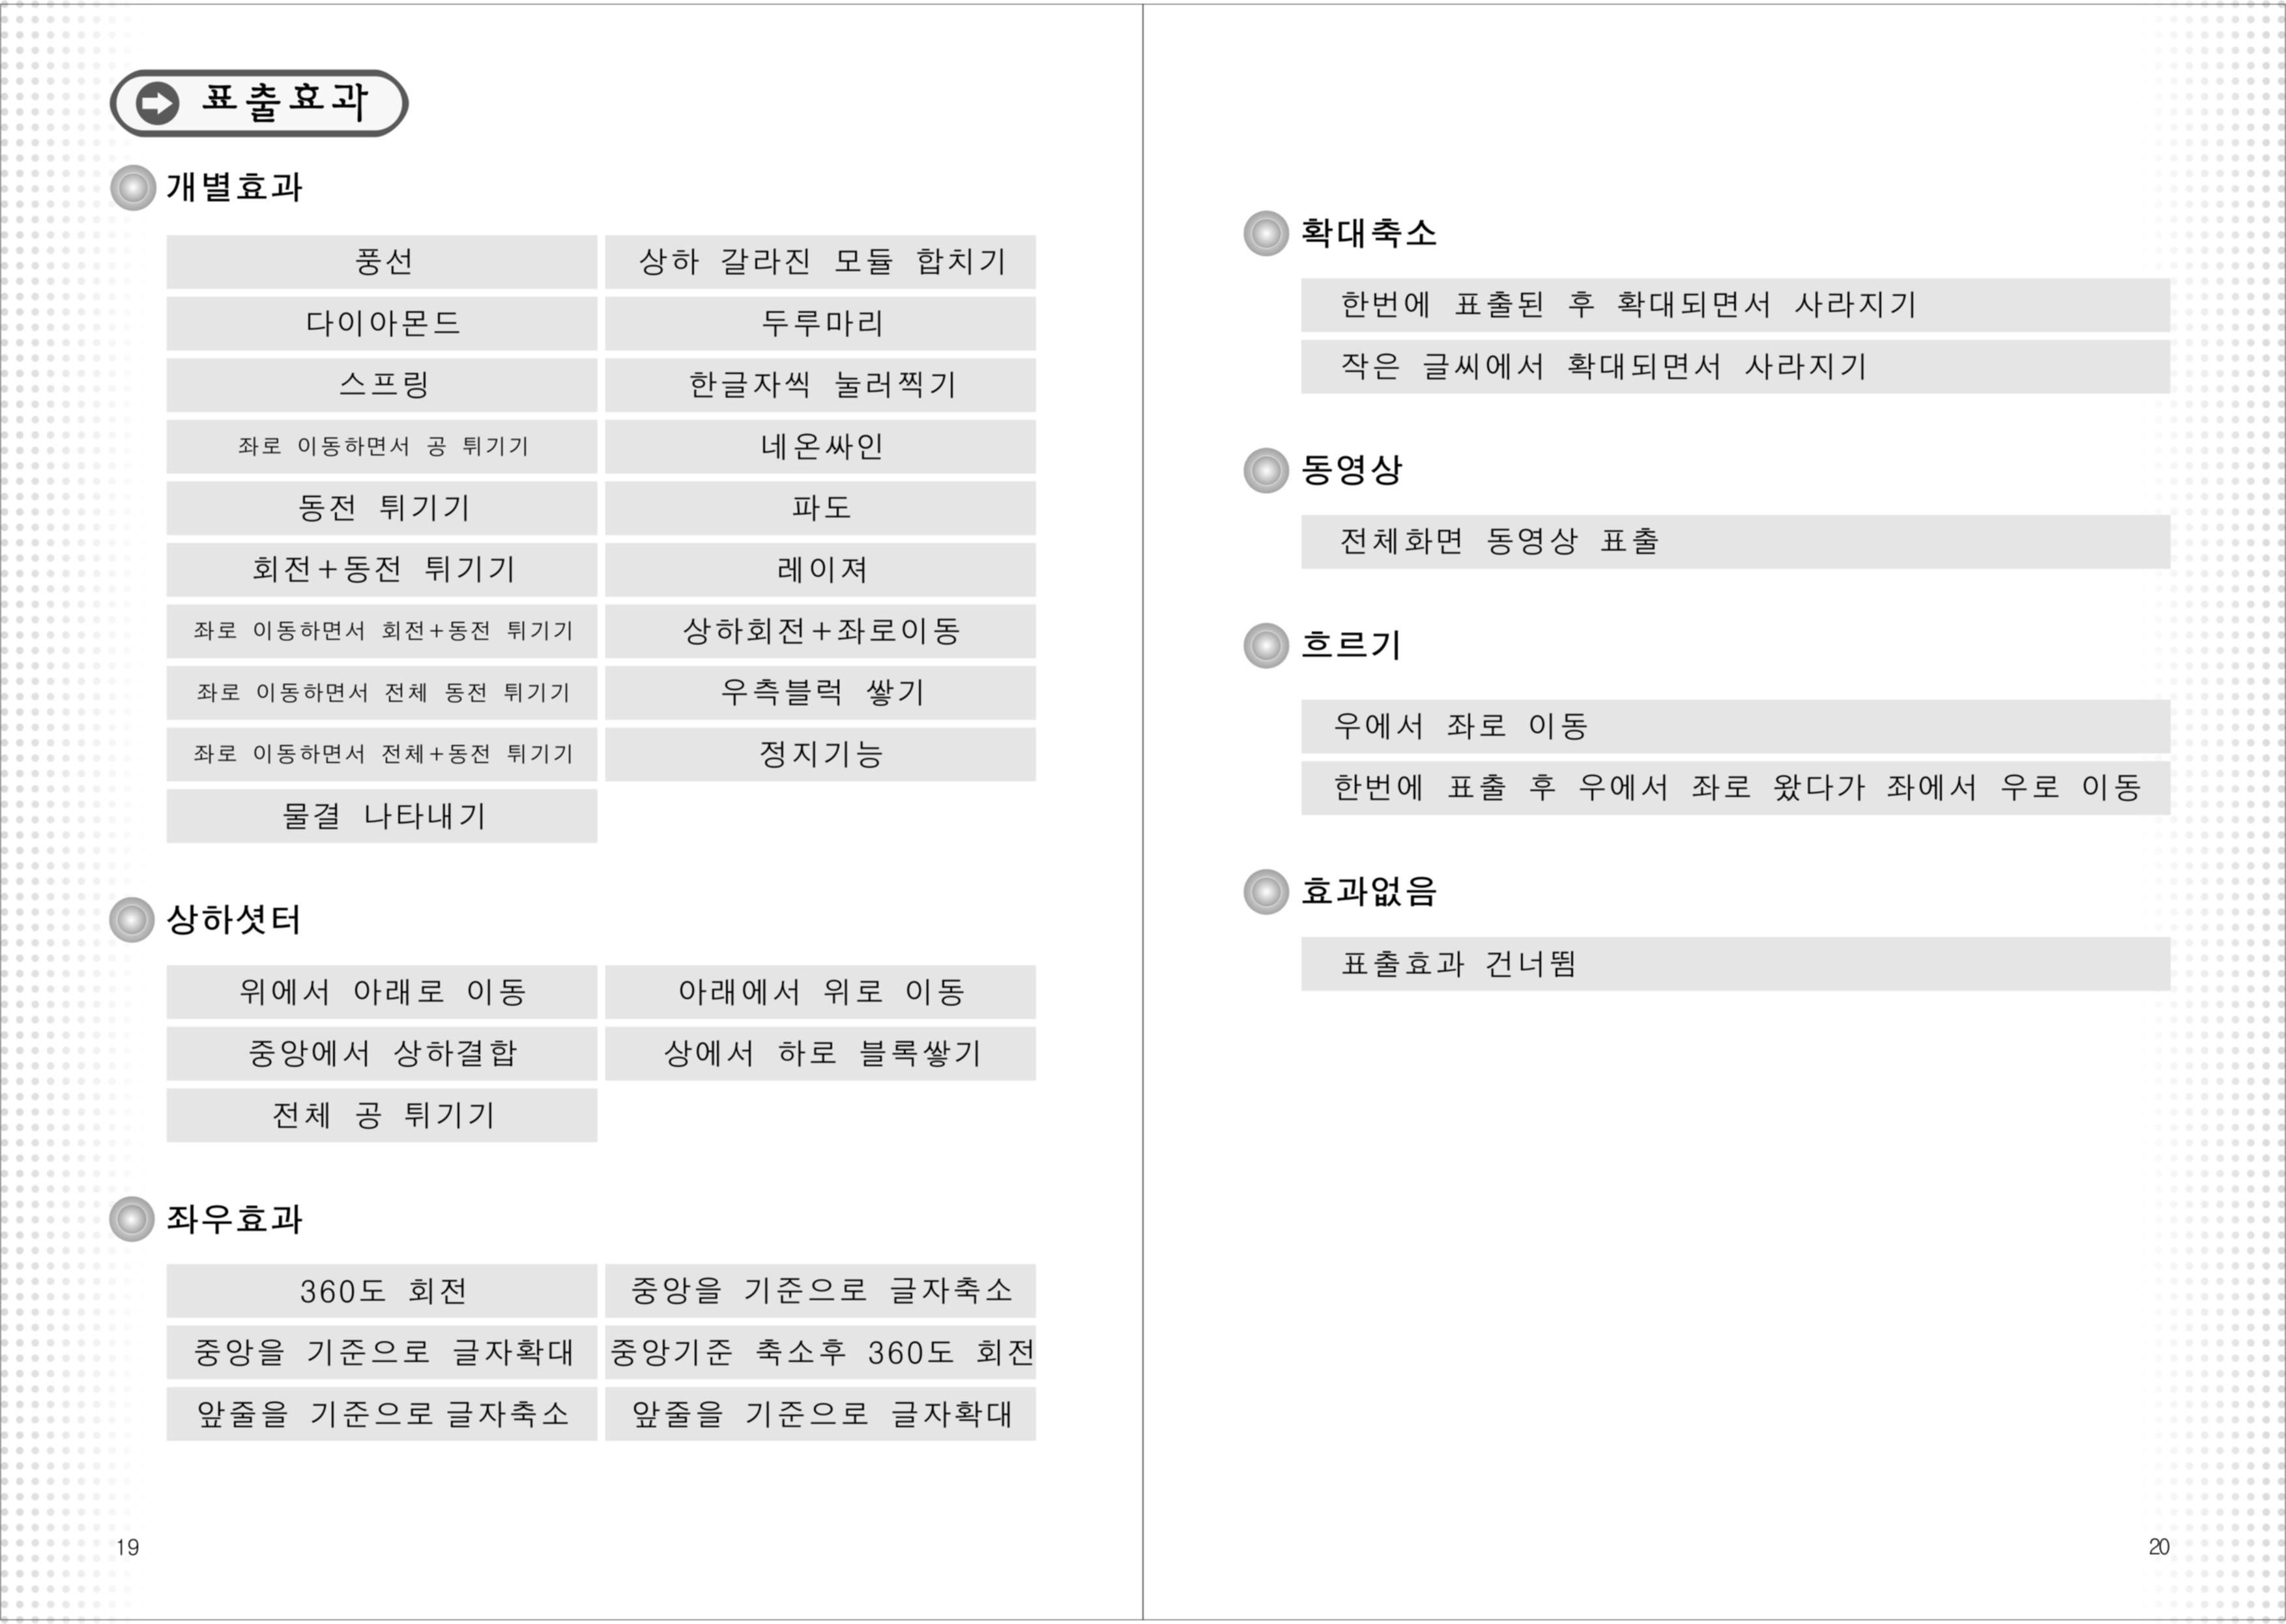 진영정보통신_사용 설명서 (11).jpg